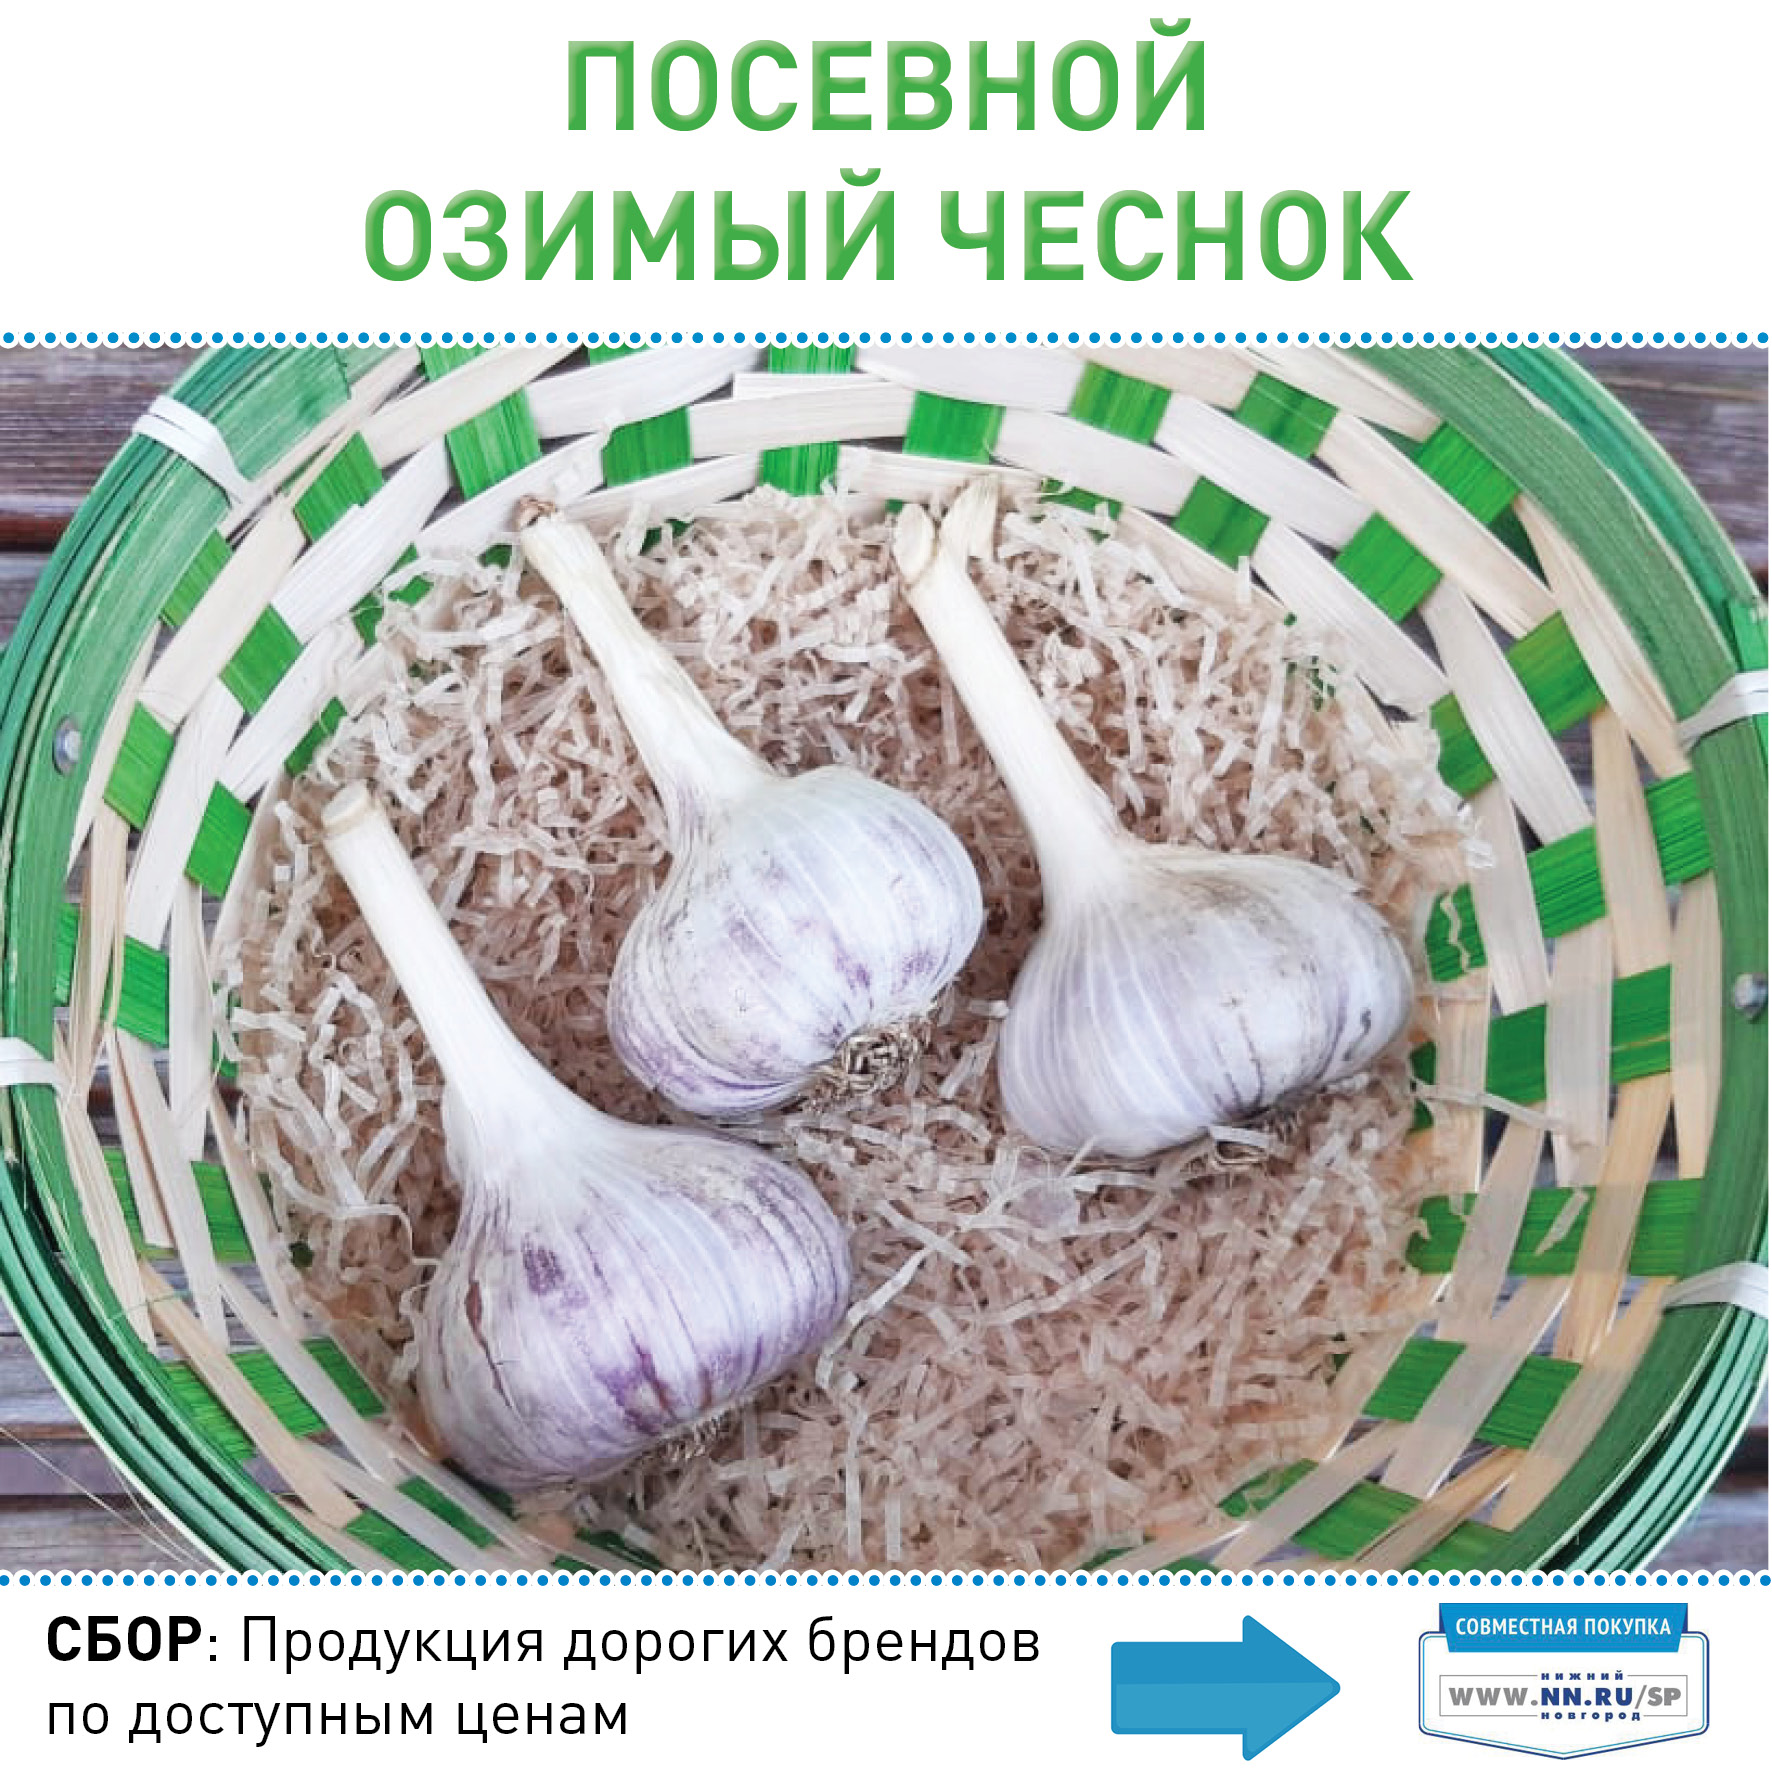 Острый и урожайный: чеснок юбилейный грибовский для посадки под зиму